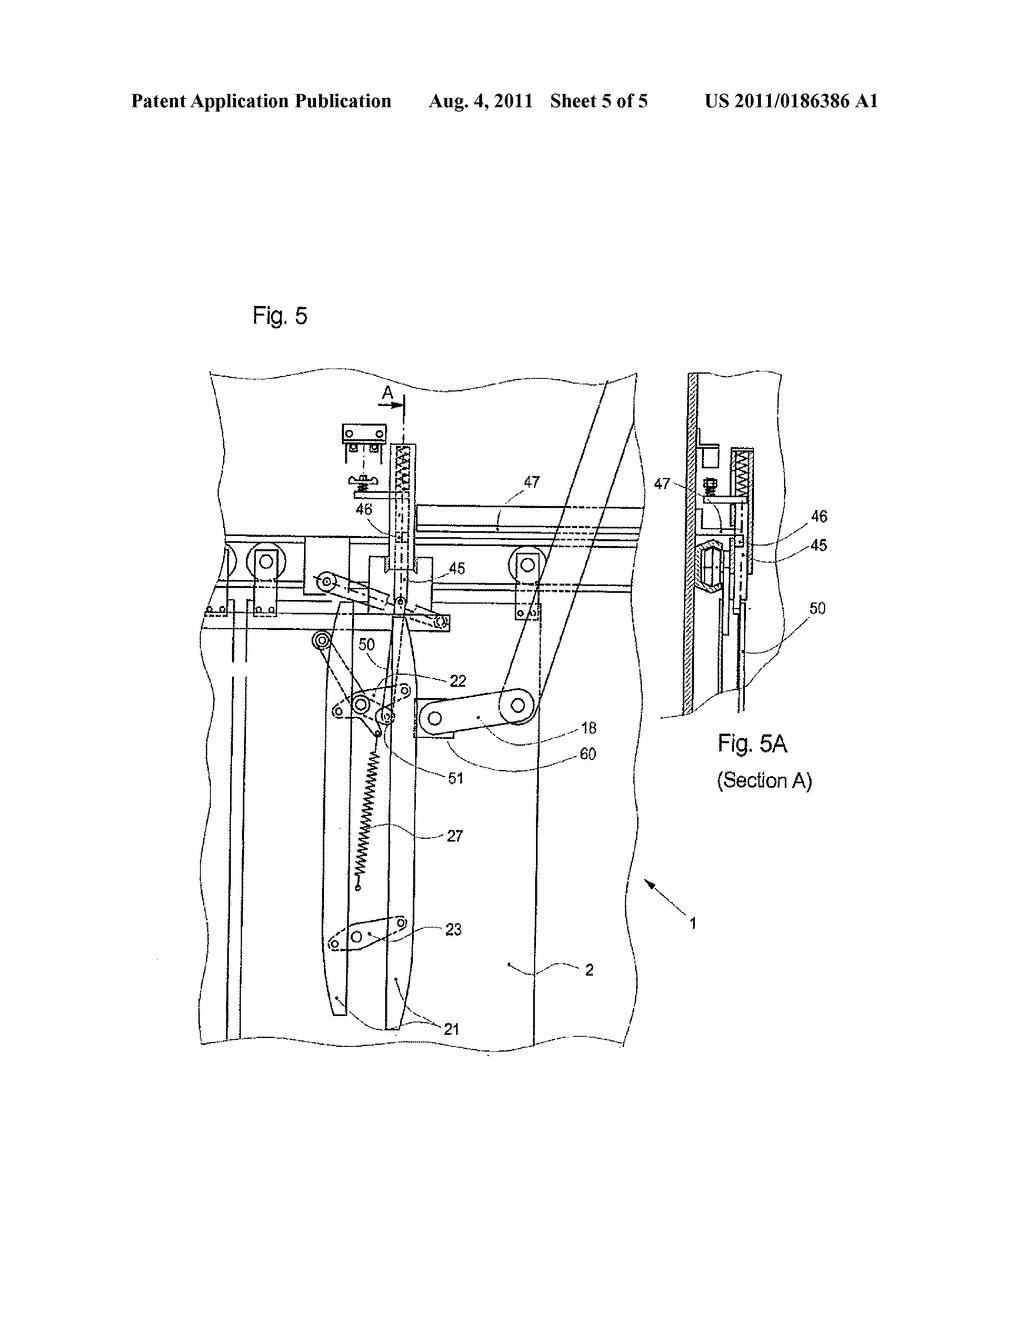 elevator door system comprising a car door locking mechanism - diagram,  schematic, and image 06